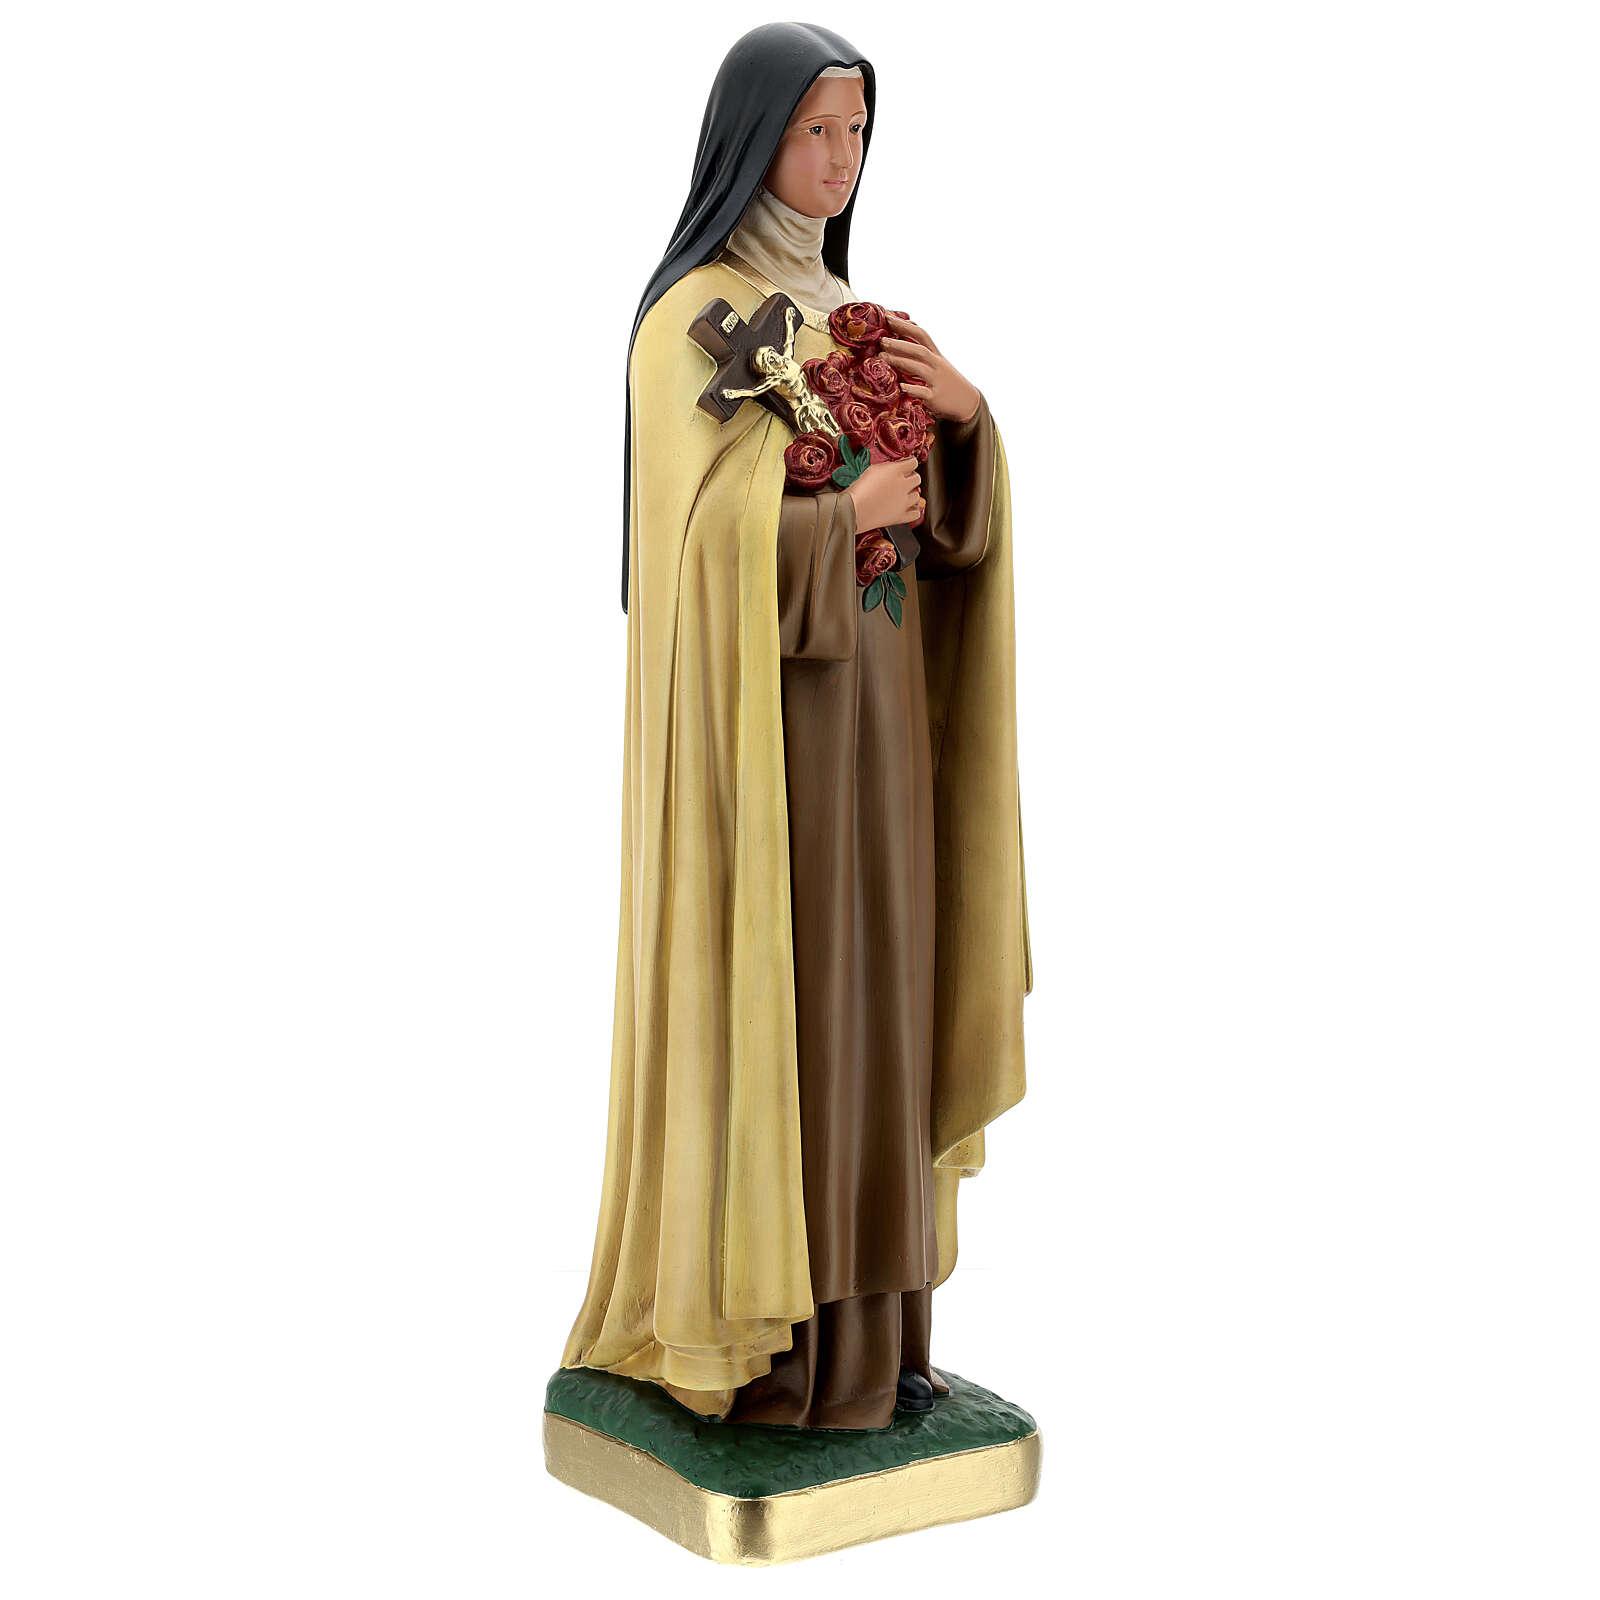 Sainte Thérèse de l'Enfant-Jésus 60 cm statue plâtre Arte Barsanti 4